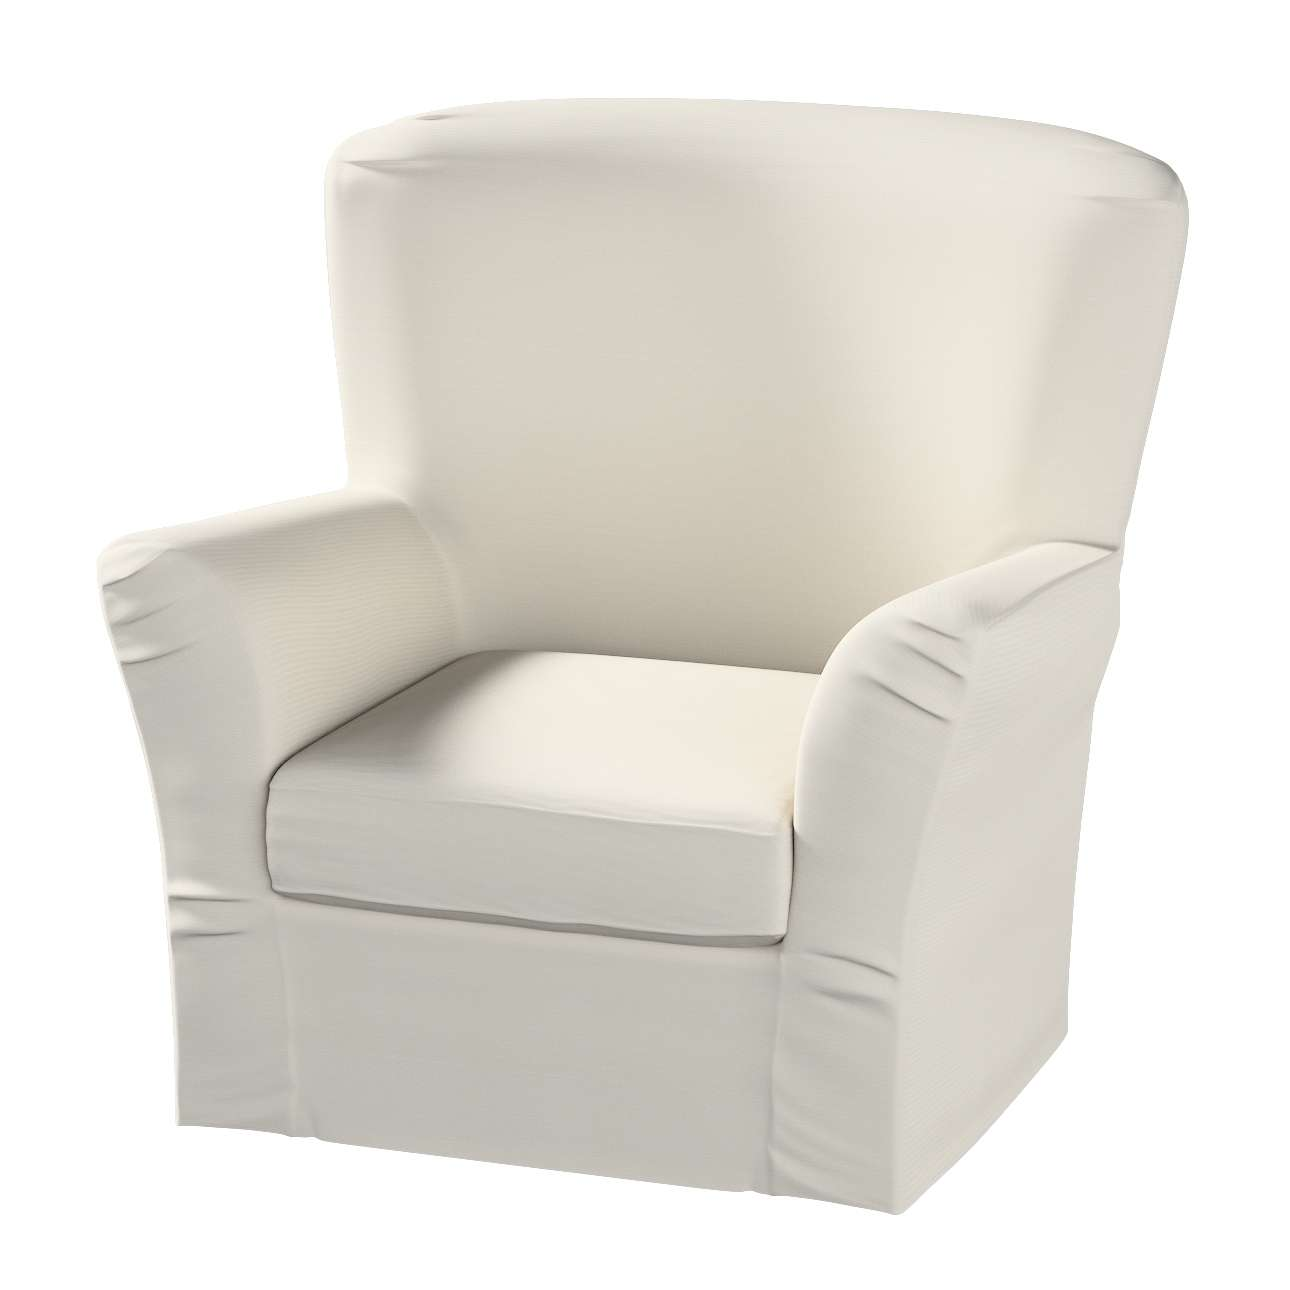 Dekoria Pokrowiec na fotel Tomelilla z zakładkami